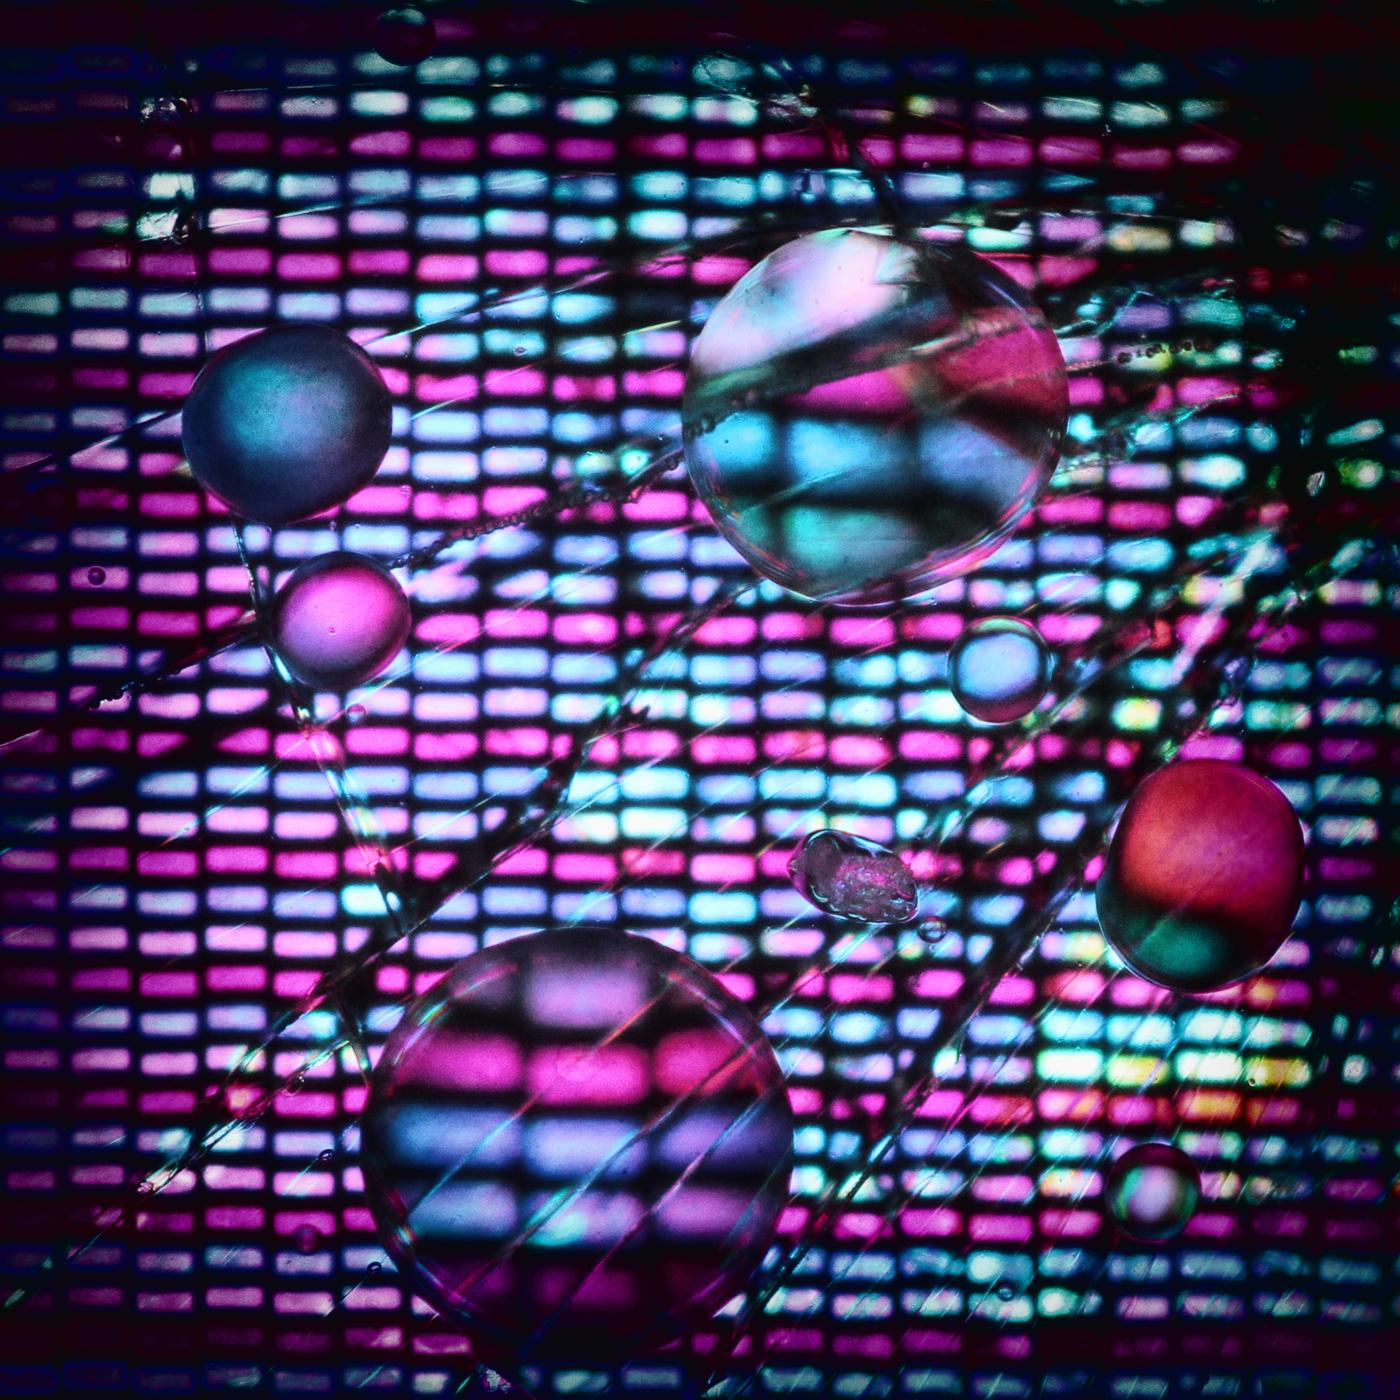 Broken Pixels: Broken Pixels By Endprocess83 On DeviantArt